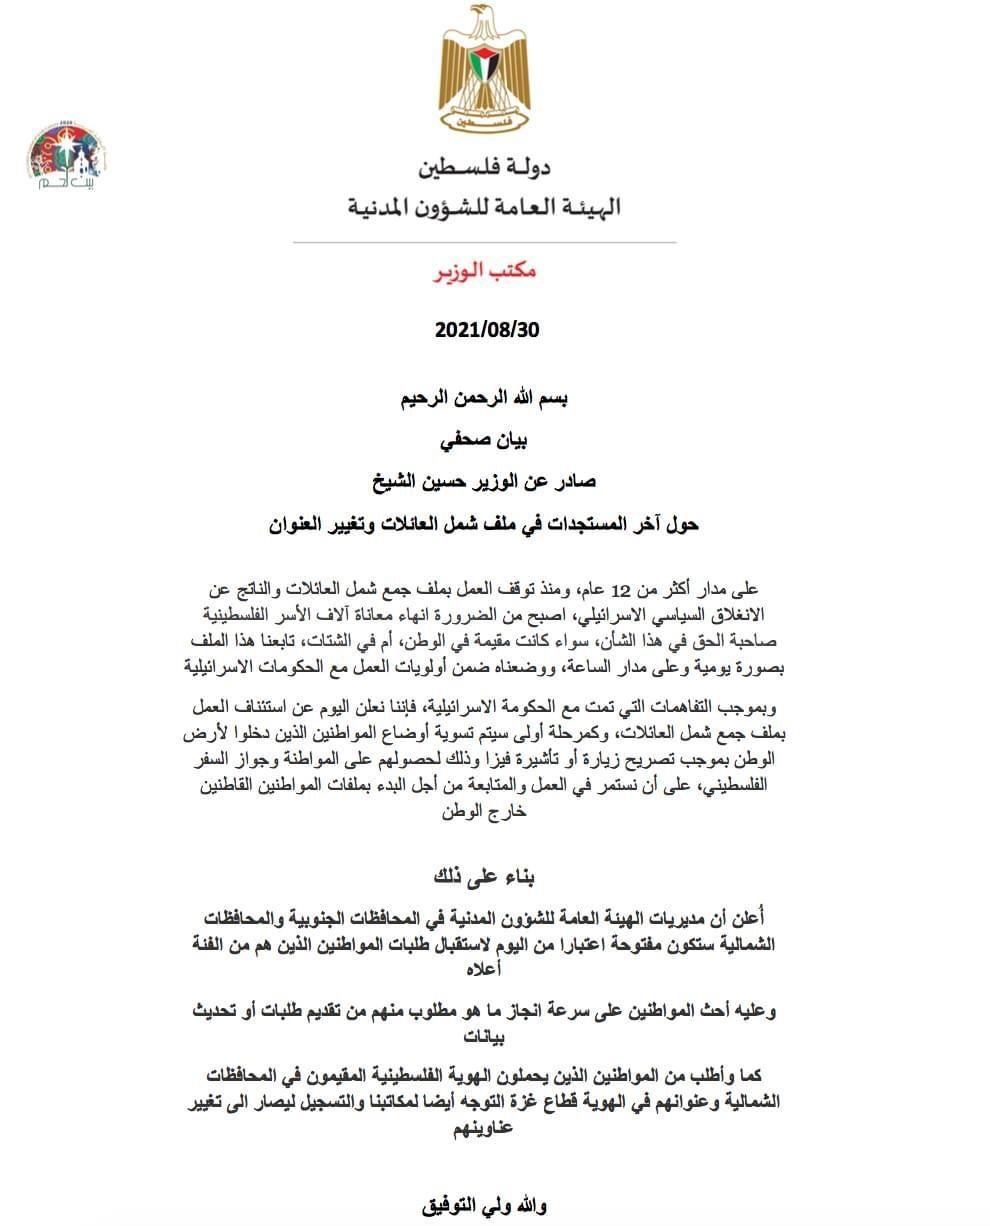 الشيخ يُصدر بياناً توضيحياً بشأن اتفاق جمع شمل العائلات الفلسطينية